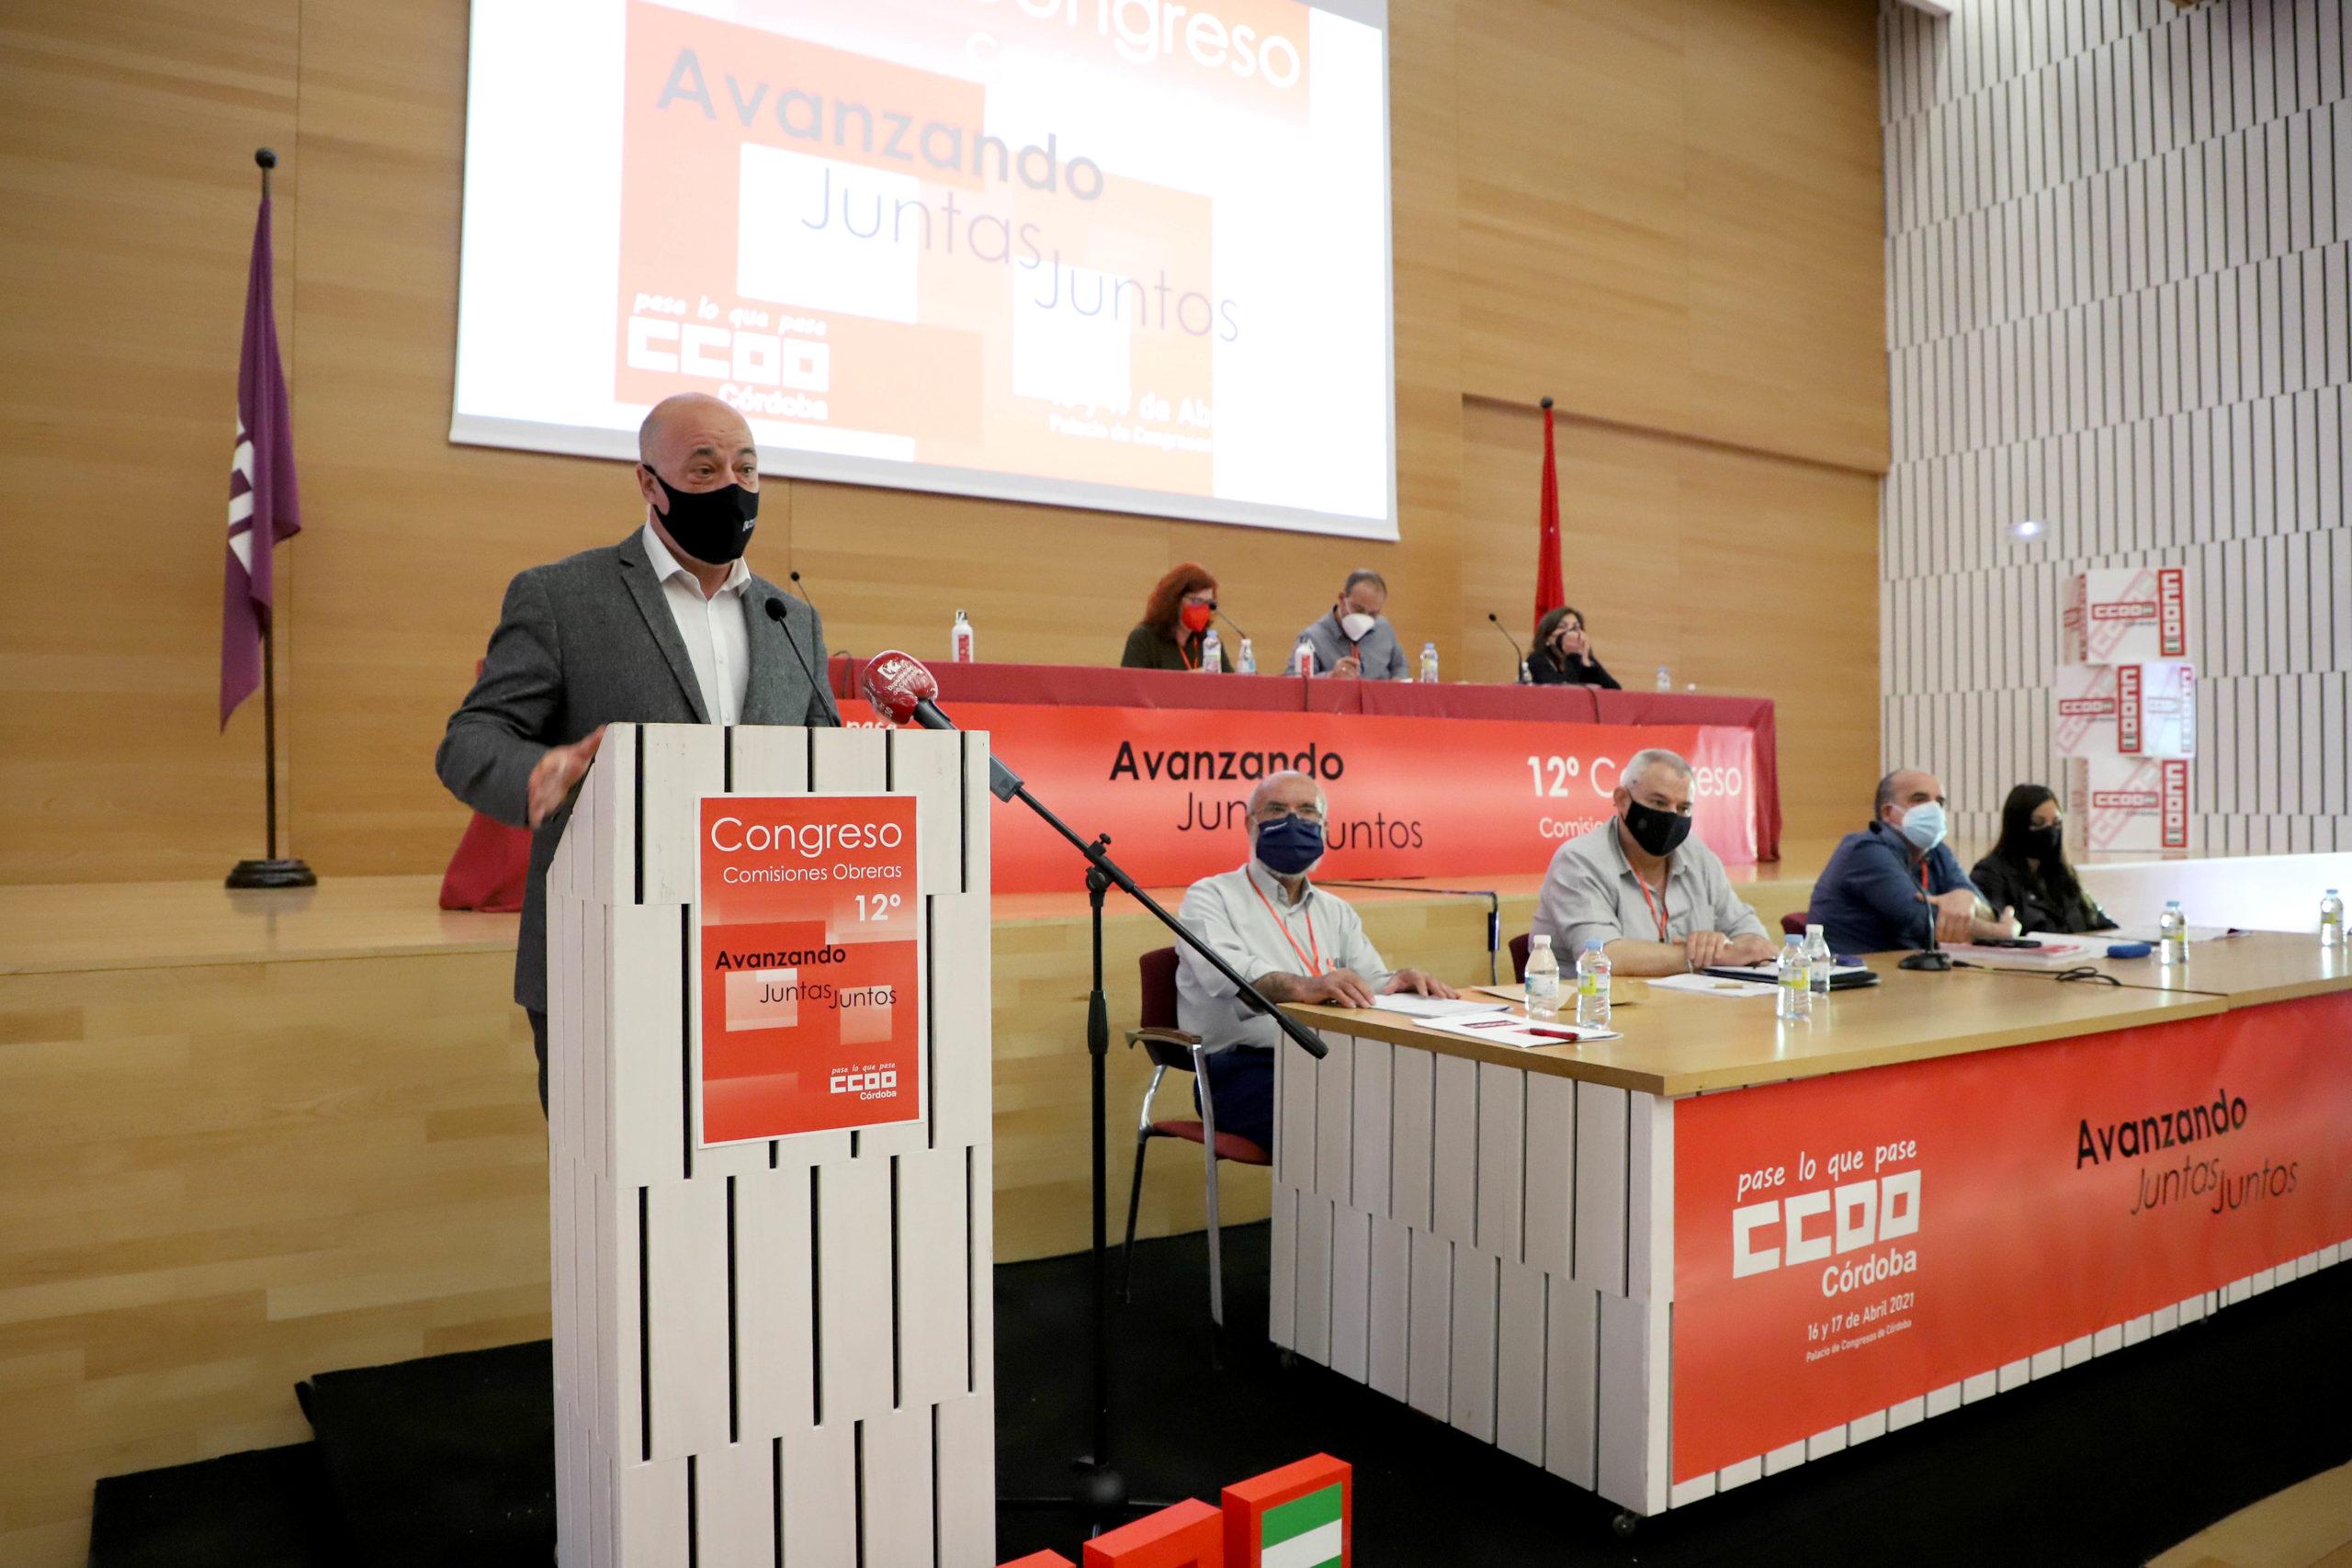 Ruiz pone en valor el trabajo de las organizaciones sindicales como garantes de libertades y derechos en el ámbito laboral